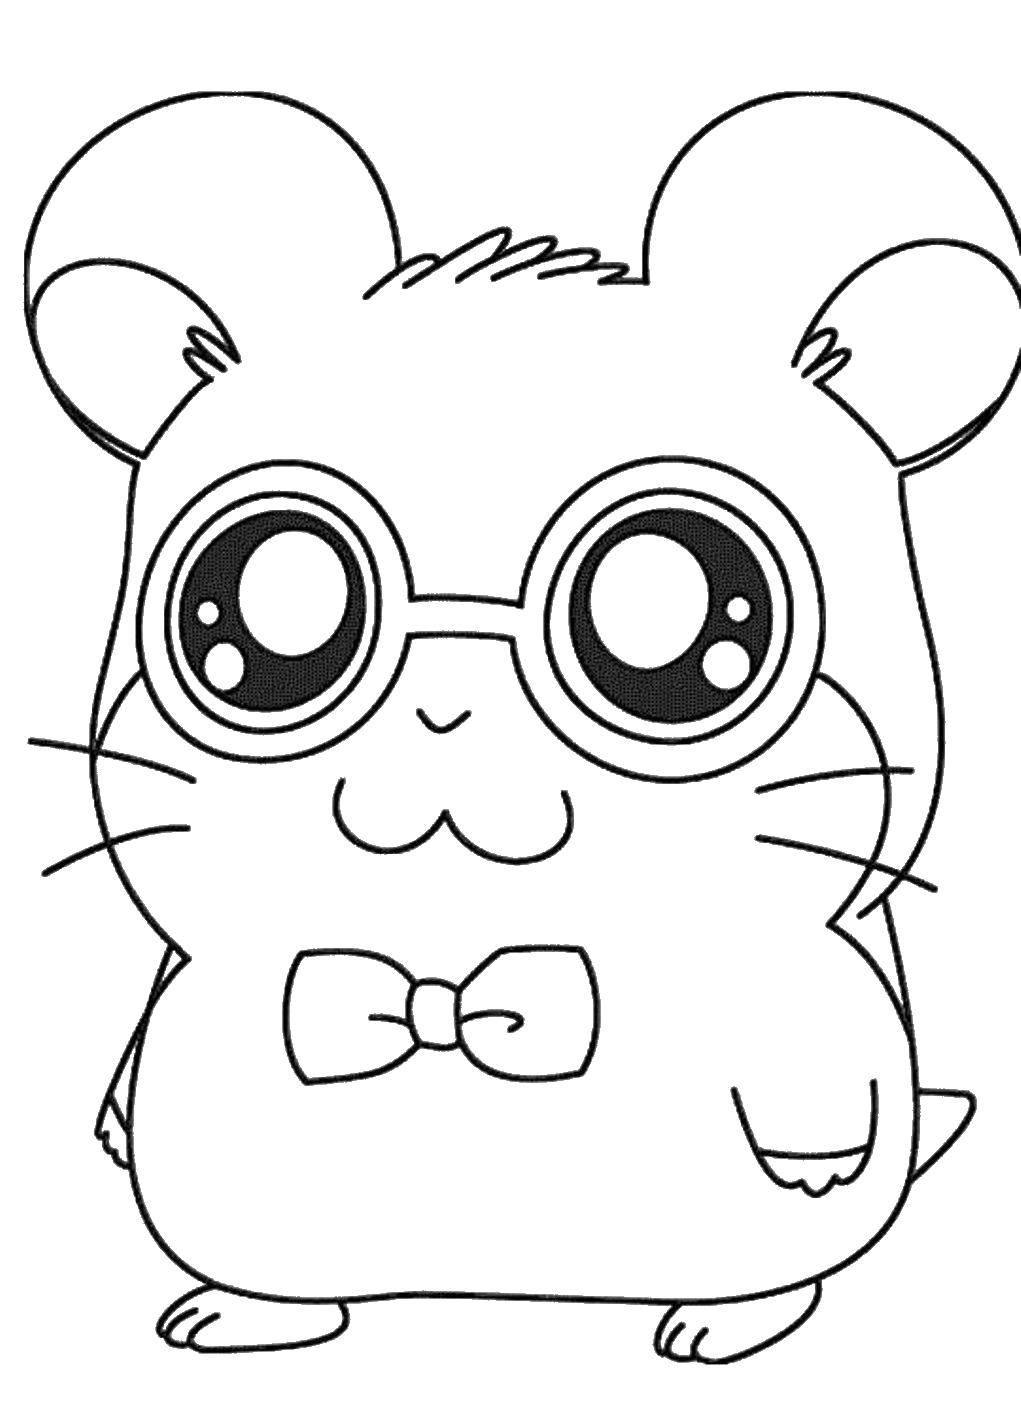 Раскраска Мышонок из аниме Скачать ,Животные, мышка,.  Распечатать